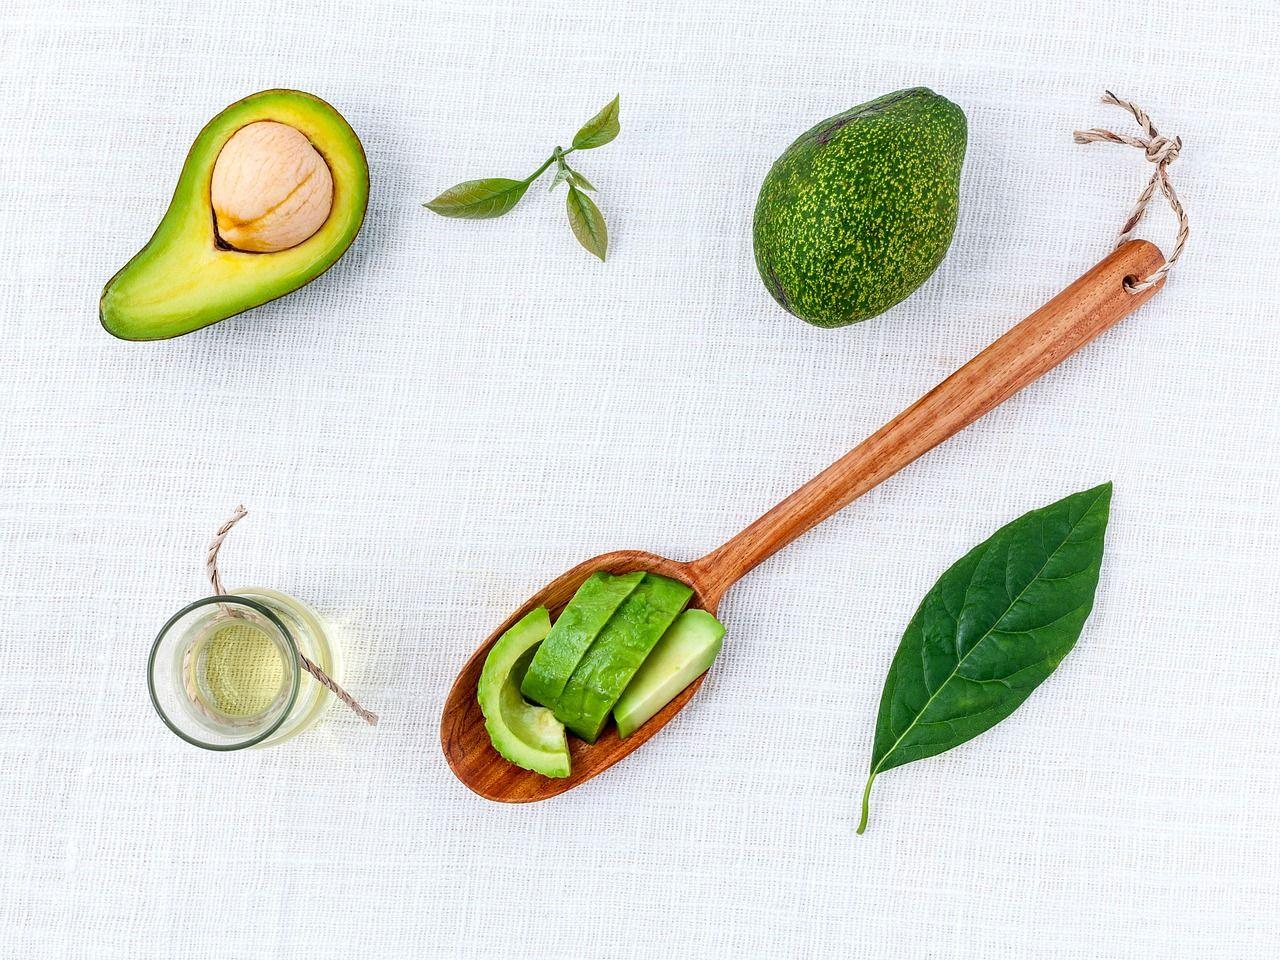 Alternative, Aromatherapy, Avocado, Background, Beauty